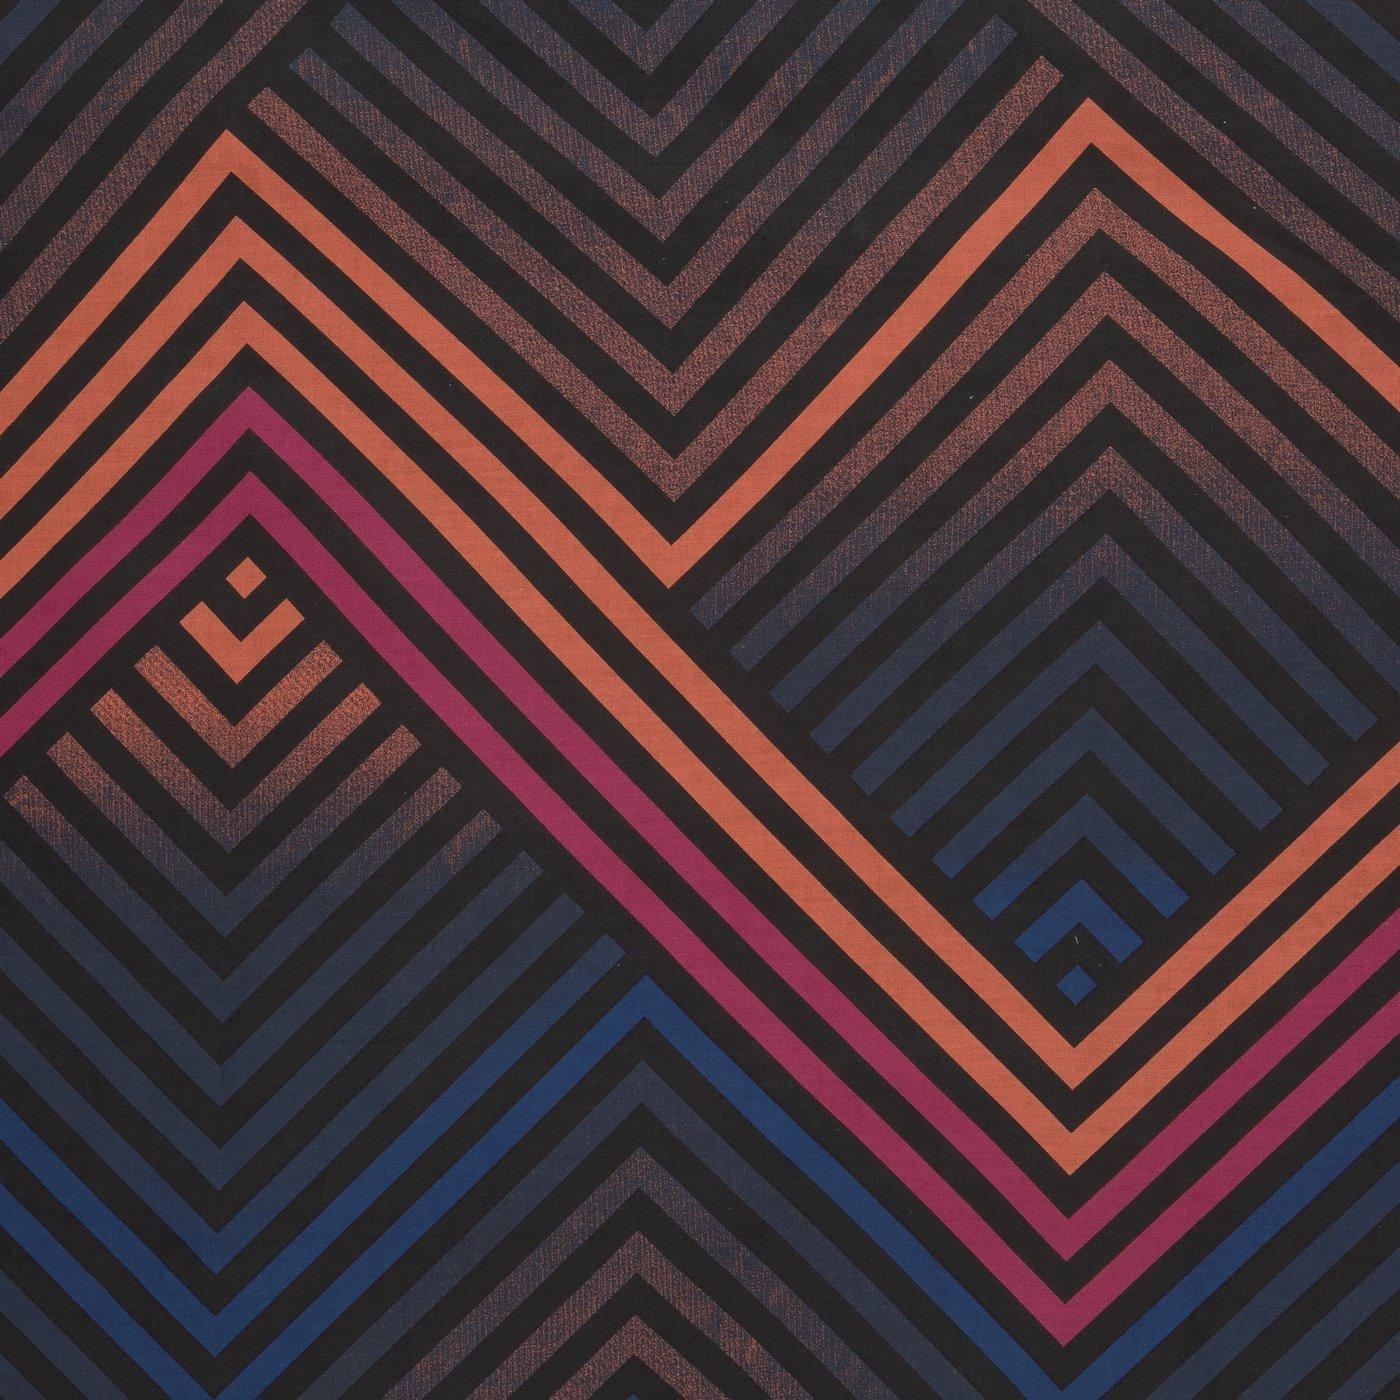 Komplet pościeli bawełnianej DIEGO 200x220 2szt 70x80 styl nowoczesny